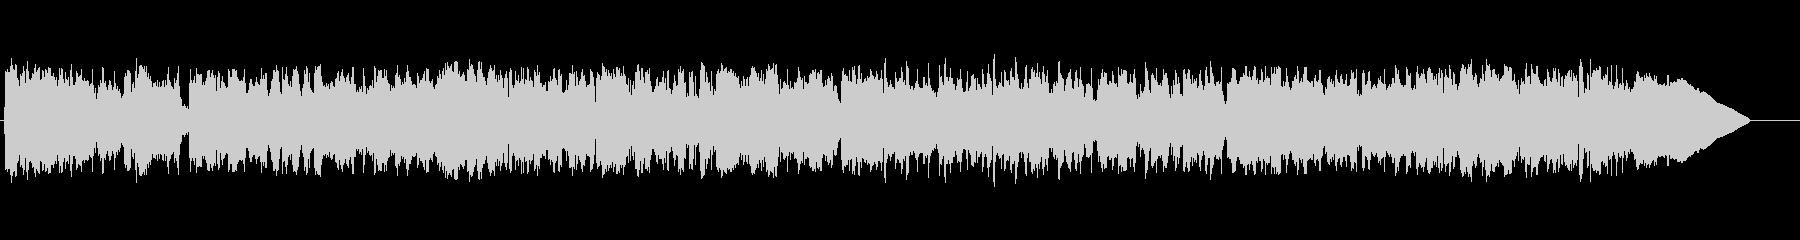 エレキギターによるロック調の激しいBGMの未再生の波形